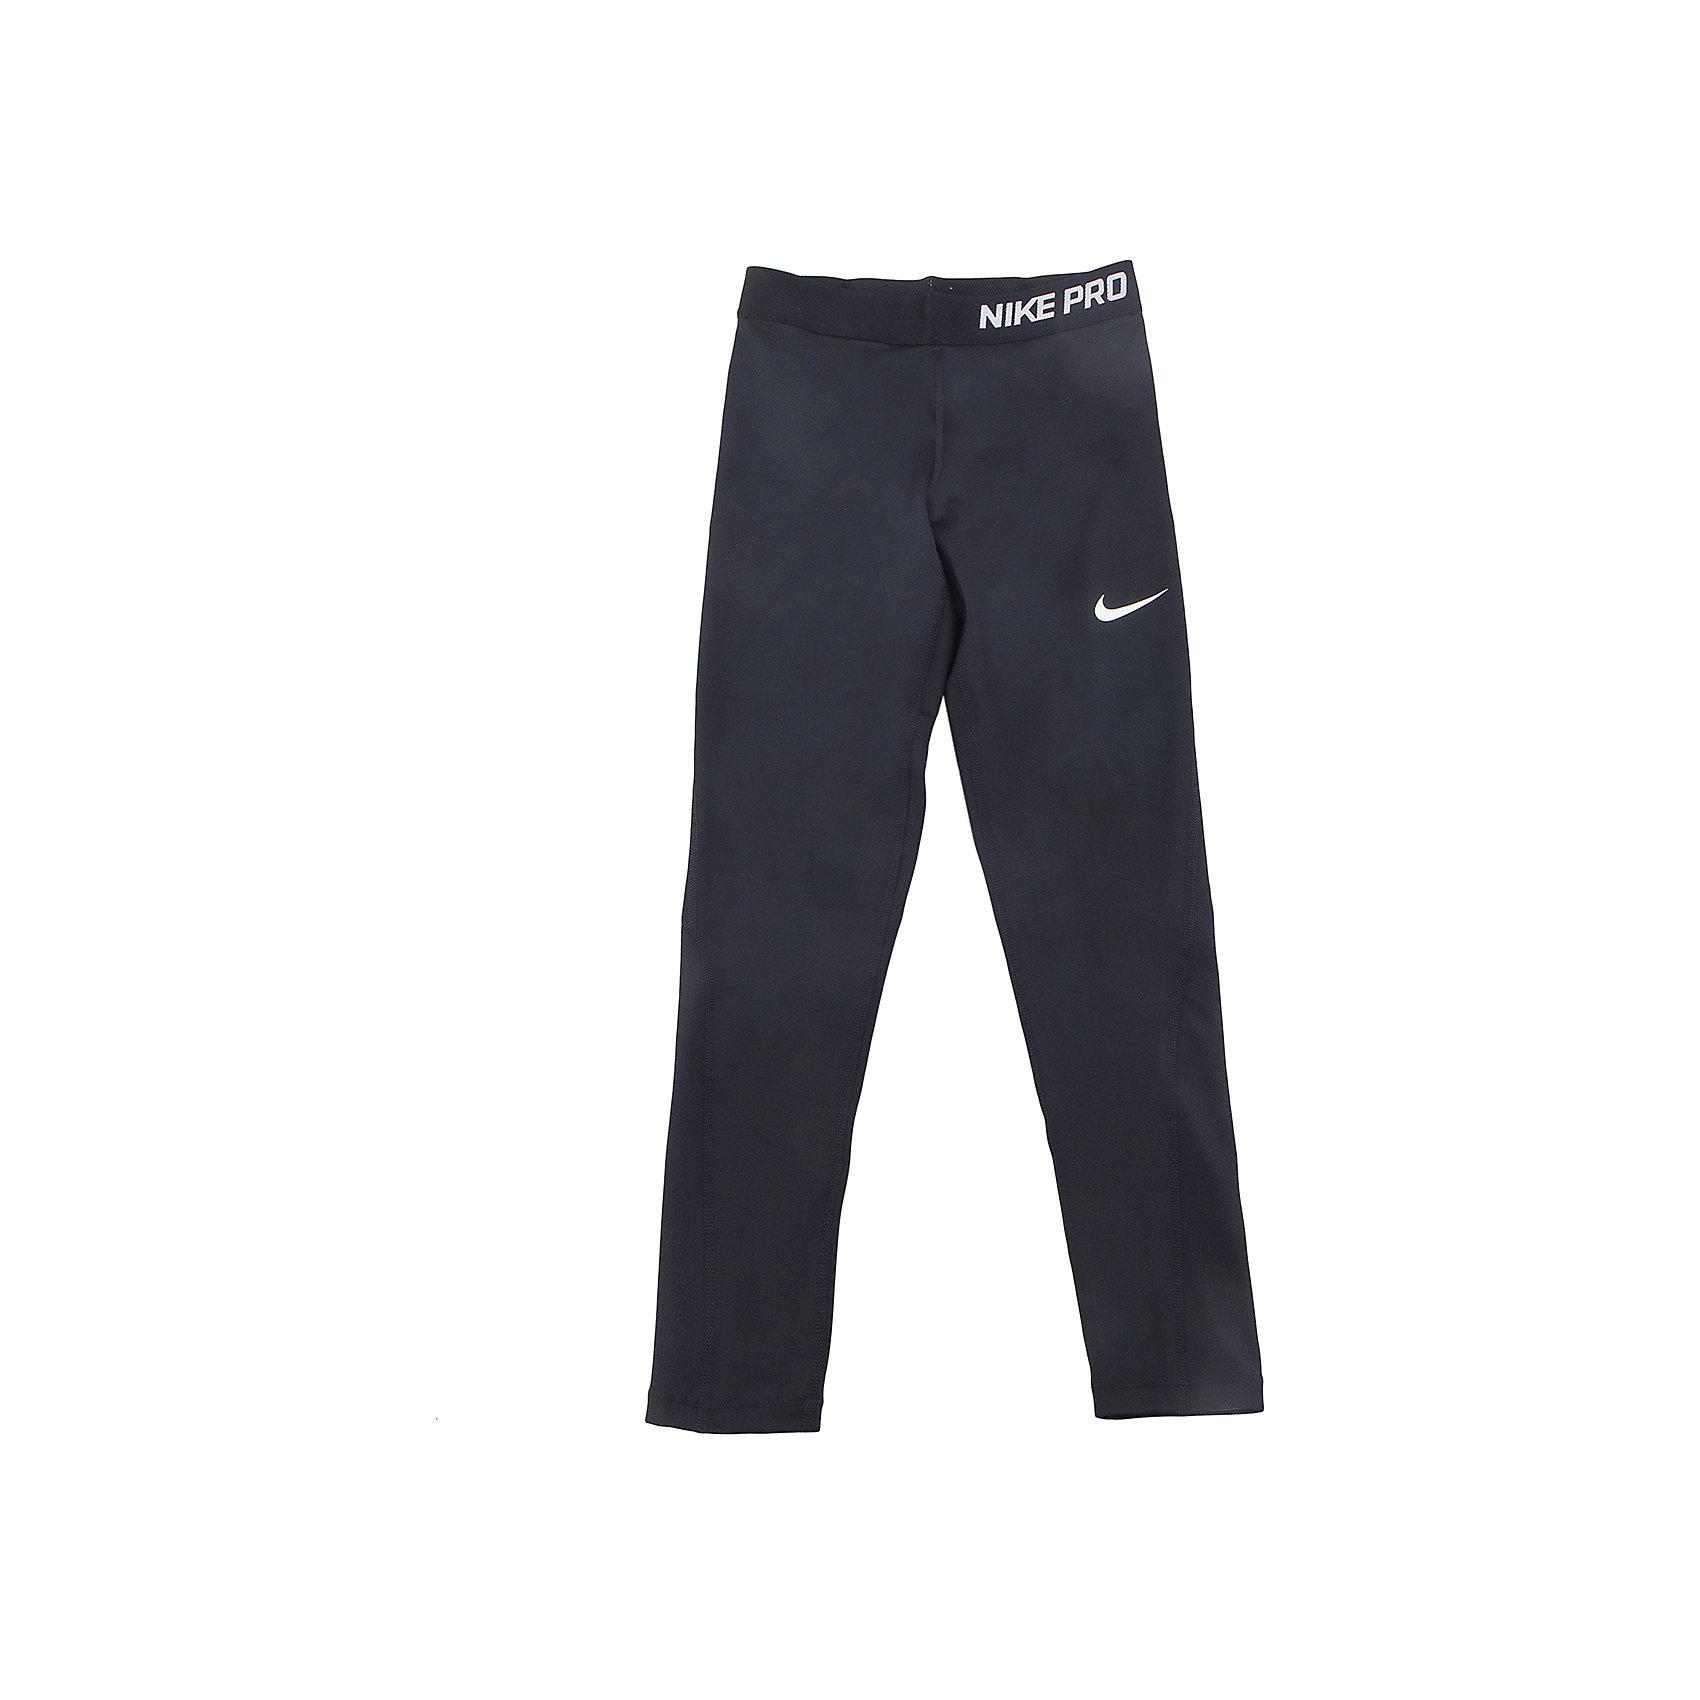 Леггинсы NIKEСпортивная форма<br>Характеристики товара:<br><br>• цвет: черный<br>• спортивный стиль<br>• состав:  полиэстер 80%, эластан 20%, ткань Nike Pro Cool <br>• мягкий пояс <br>• комфортная посадка<br>• вставки из сетки <br>• небольшой принт<br>• материал дарит ощущение прохлады и комфорт<br>• машинная стирка<br>• износостойкий материал<br>• страна бренда: США<br>• страна изготовитель: Вьетнам<br><br>Продукция бренда NIKE известна высоким качеством и уникальным узнаваемым дизайном. Удобная посадка не сковывает движения, помогает создать для тела необходимую вентиляцию и вывод влаги.<br><br>Материал брюк обеспечивает вещам долгий срок службы и отличный внешний вид даже после значительного количества стирок. Уход за изделием прост - достаточно машинной стирки на низкой температуре.<br><br>Качественный материал создает комфортную посадку, вещь при этом смотрится очень стильно. Благодаря универсальному цвету она отлично смотрится с разной одеждой и обувью.<br><br>Леггинсы NIKE (Найк) можно купить в нашем интернет-магазине.<br><br>Ширина мм: 123<br>Глубина мм: 10<br>Высота мм: 149<br>Вес г: 209<br>Цвет: черный<br>Возраст от месяцев: 84<br>Возраст до месяцев: 96<br>Пол: Унисекс<br>Возраст: Детский<br>Размер: 122/128,158/170,128/134,135/140,147/158<br>SKU: 6676545